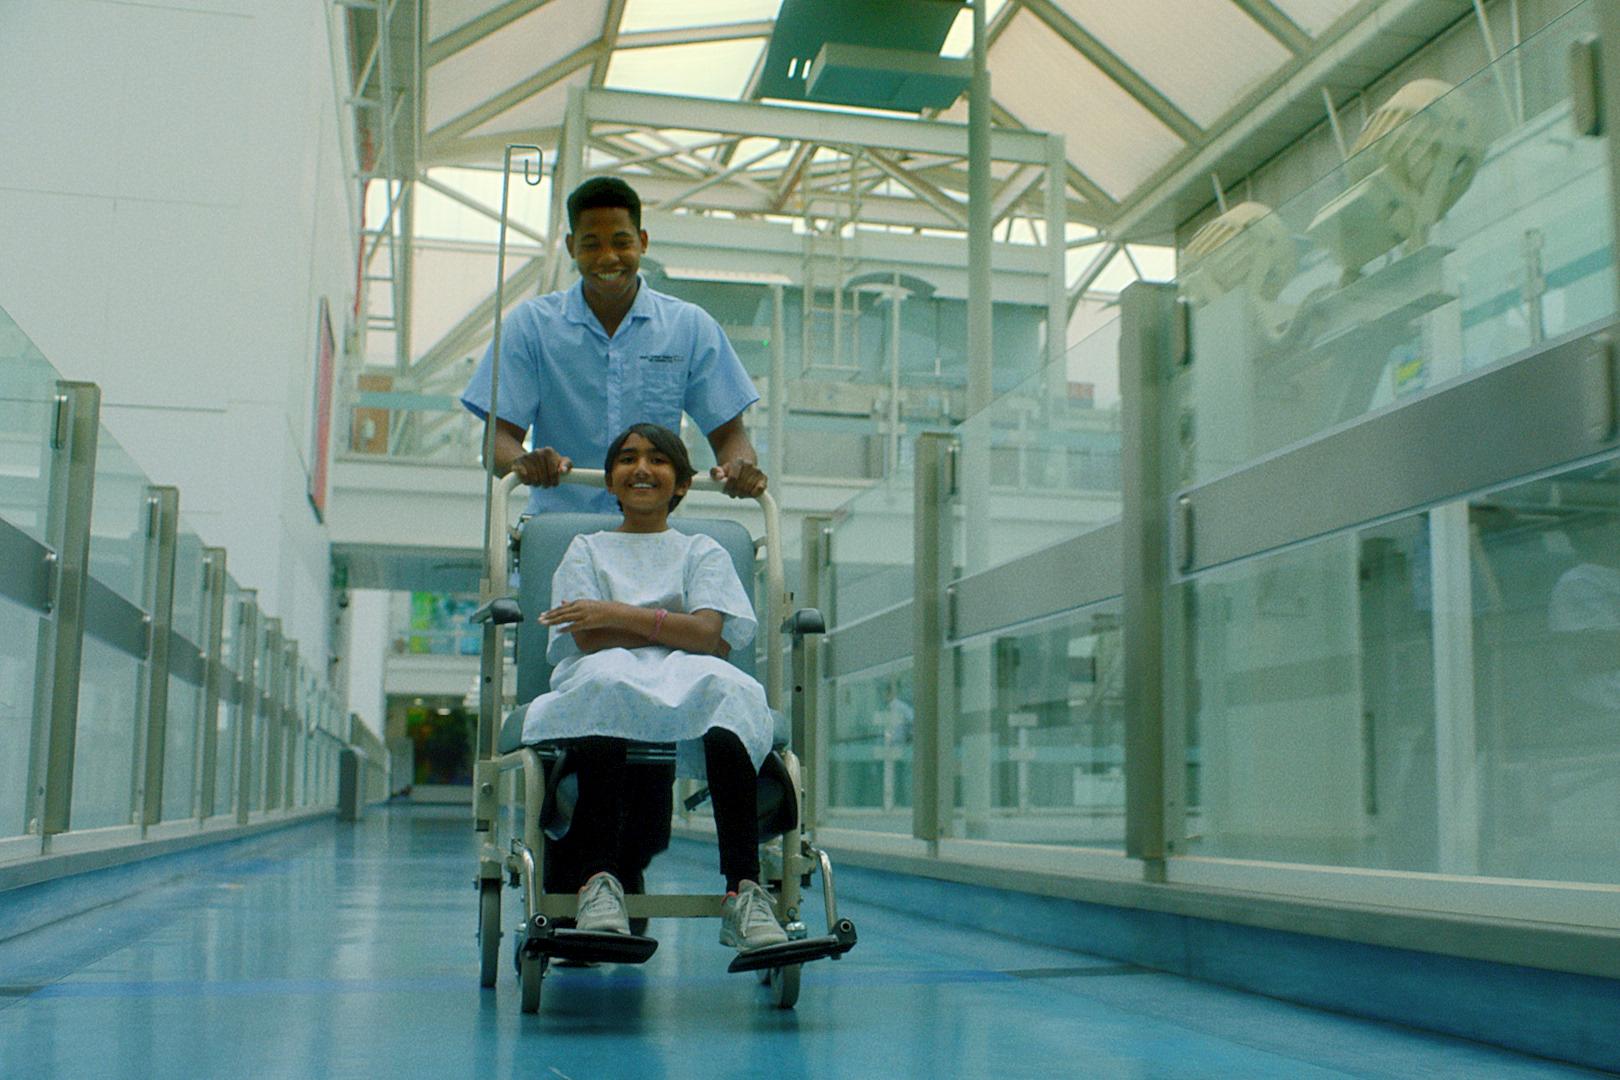 NHS: Men in nursing